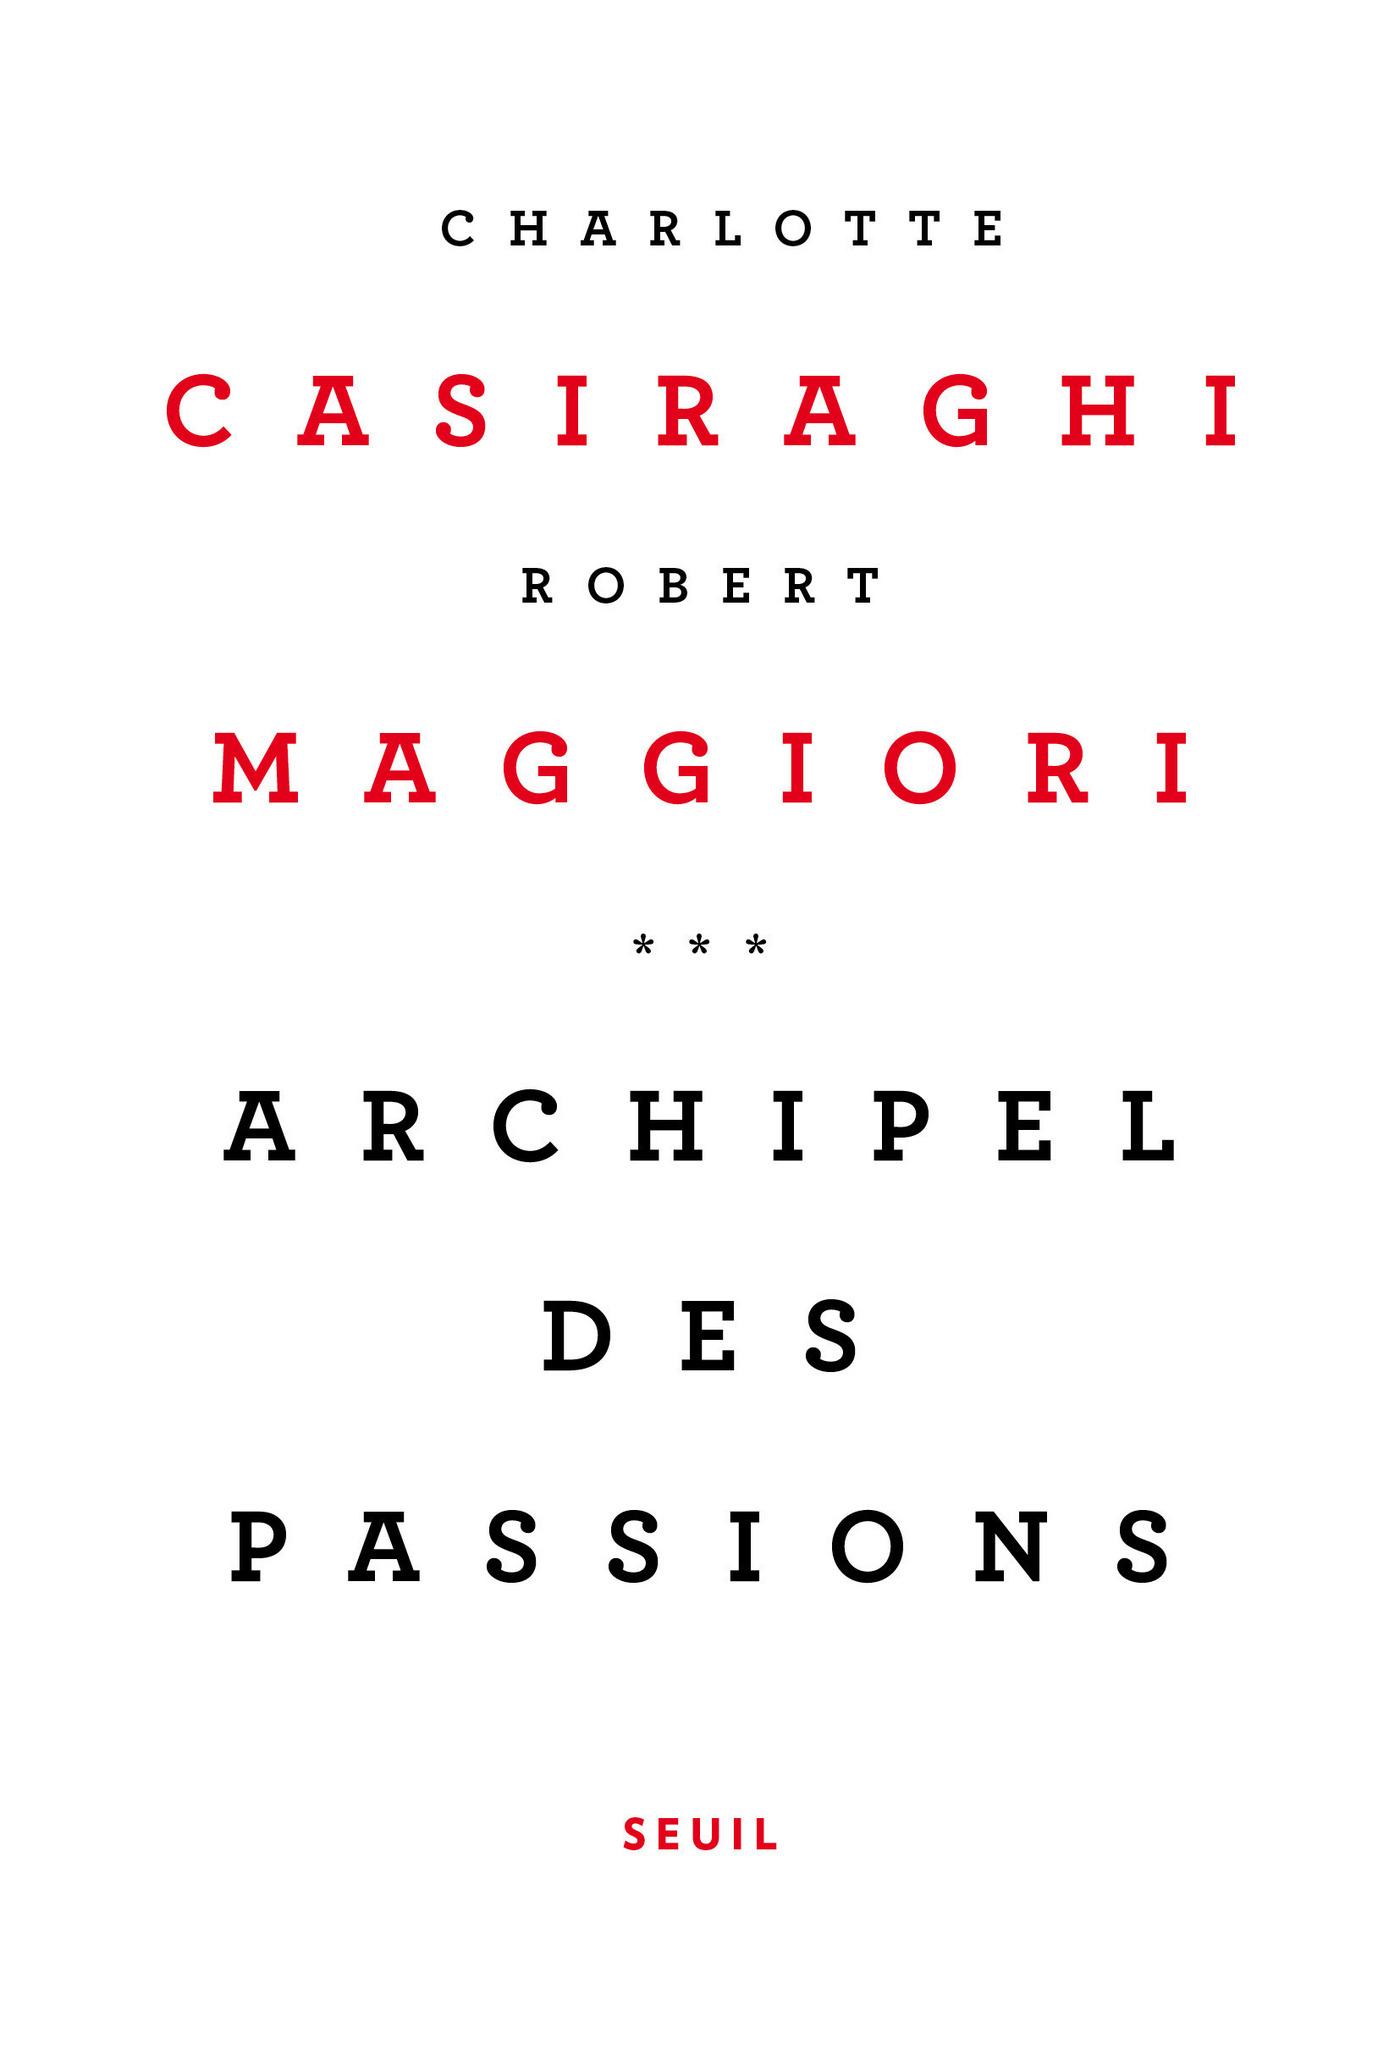 Archipel des passions